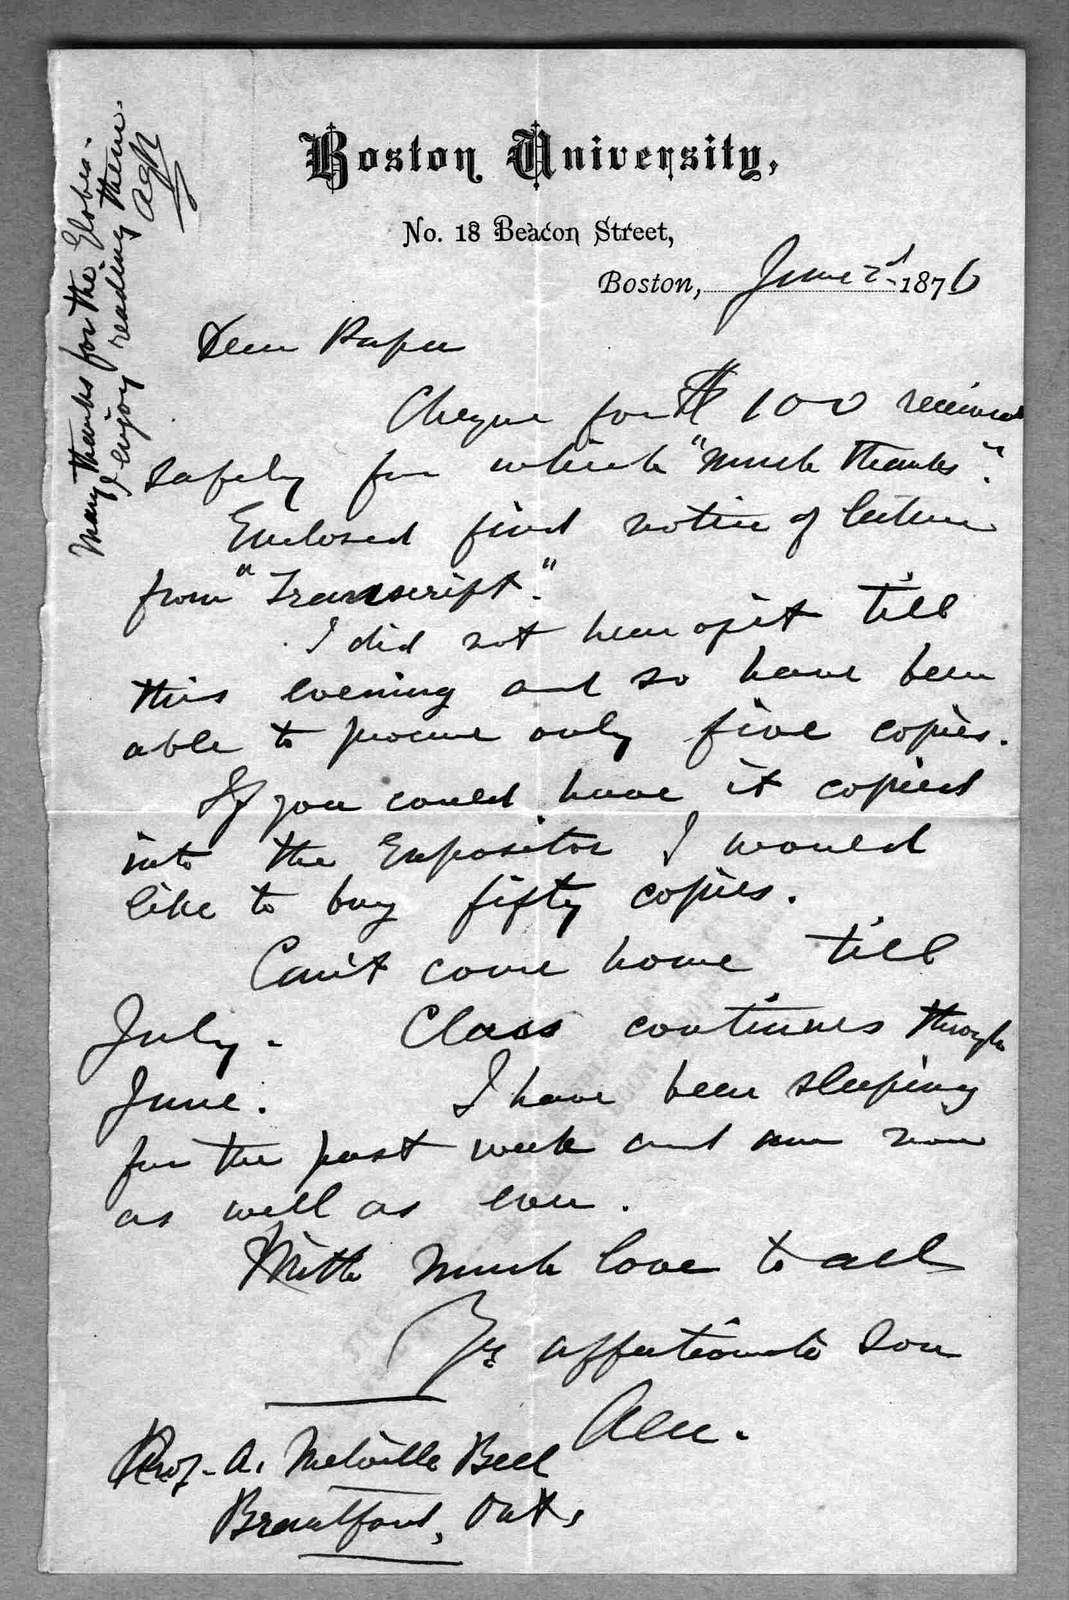 Letter from Alexander Graham Bell to Alexander Melville Bell, June 2, 1876